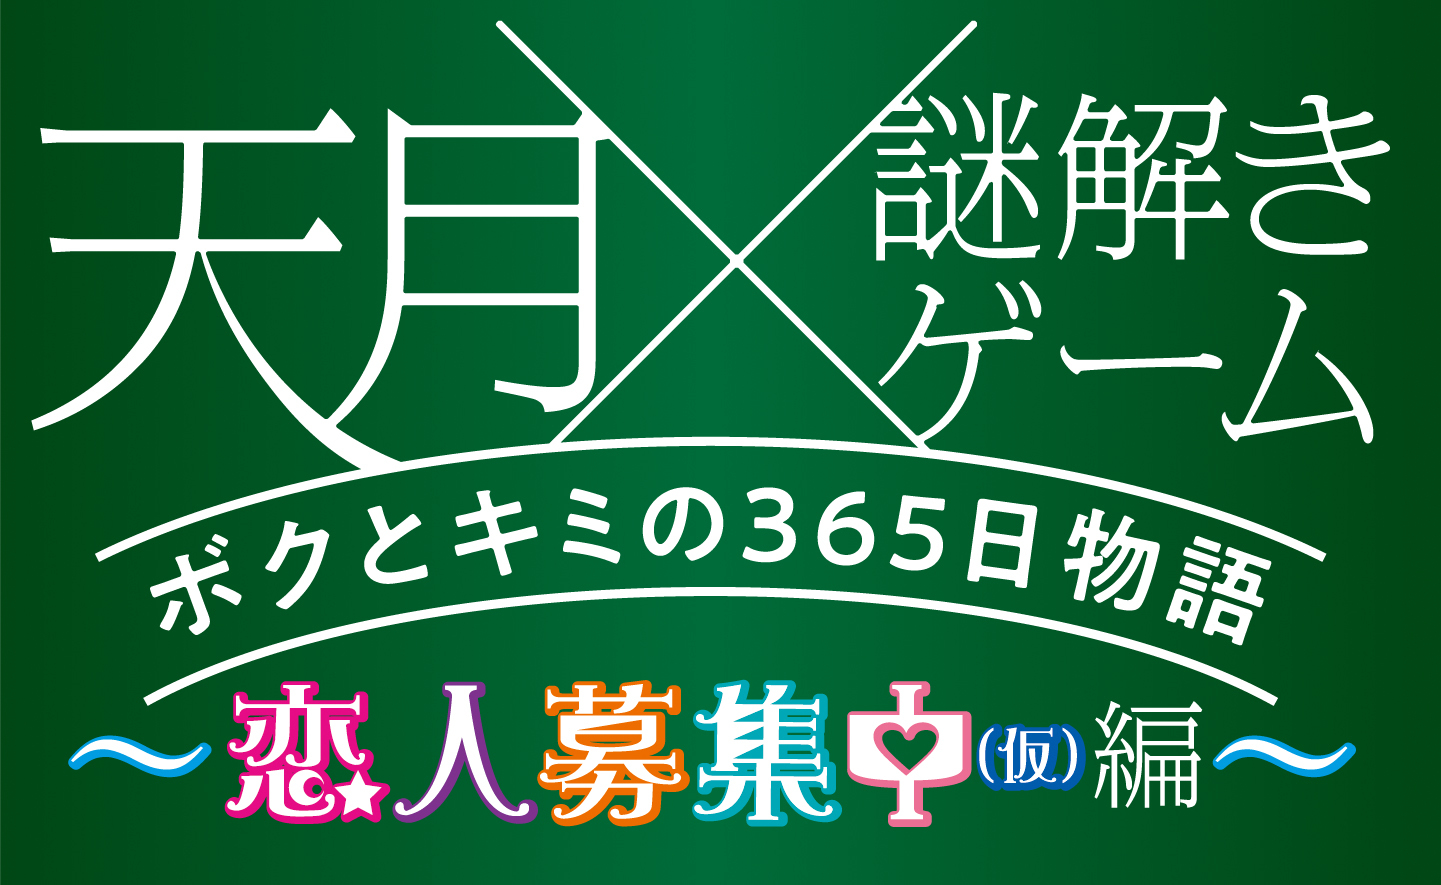 天月×謎解きゲーム ボクとキミの365日物語~恋人募集中(仮)編~